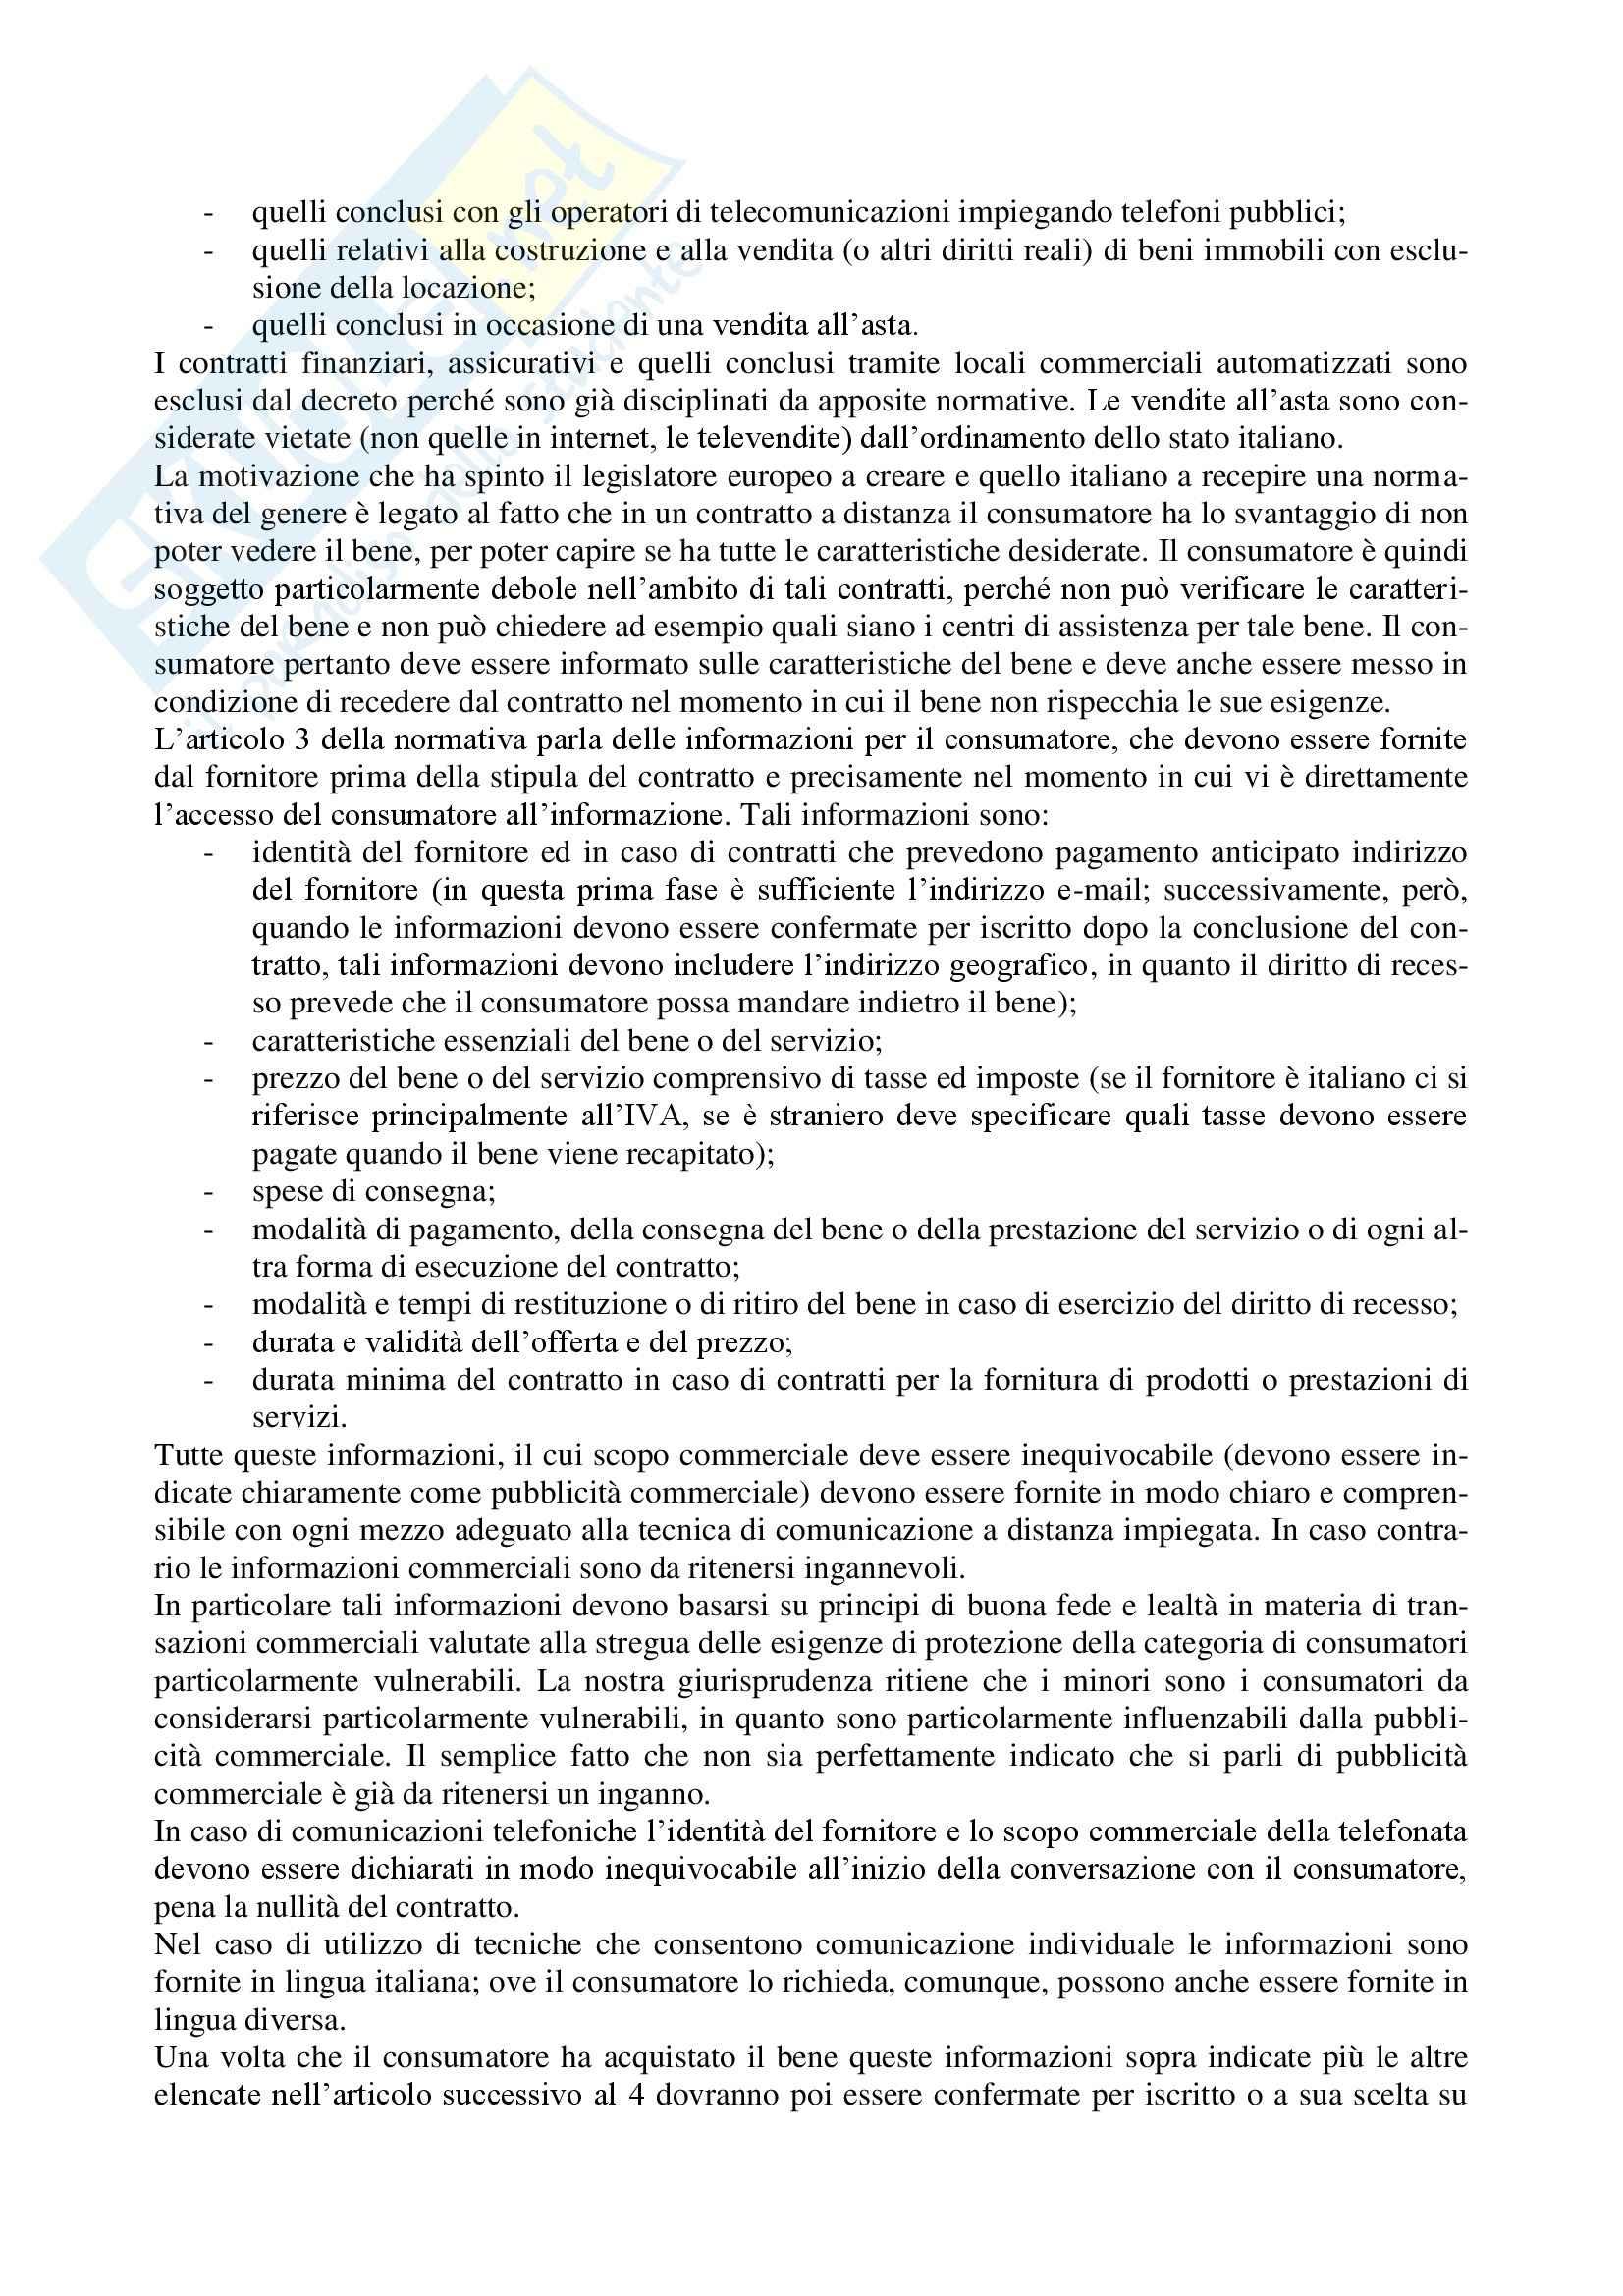 Diritto dell'informatica - Appunti Pag. 56